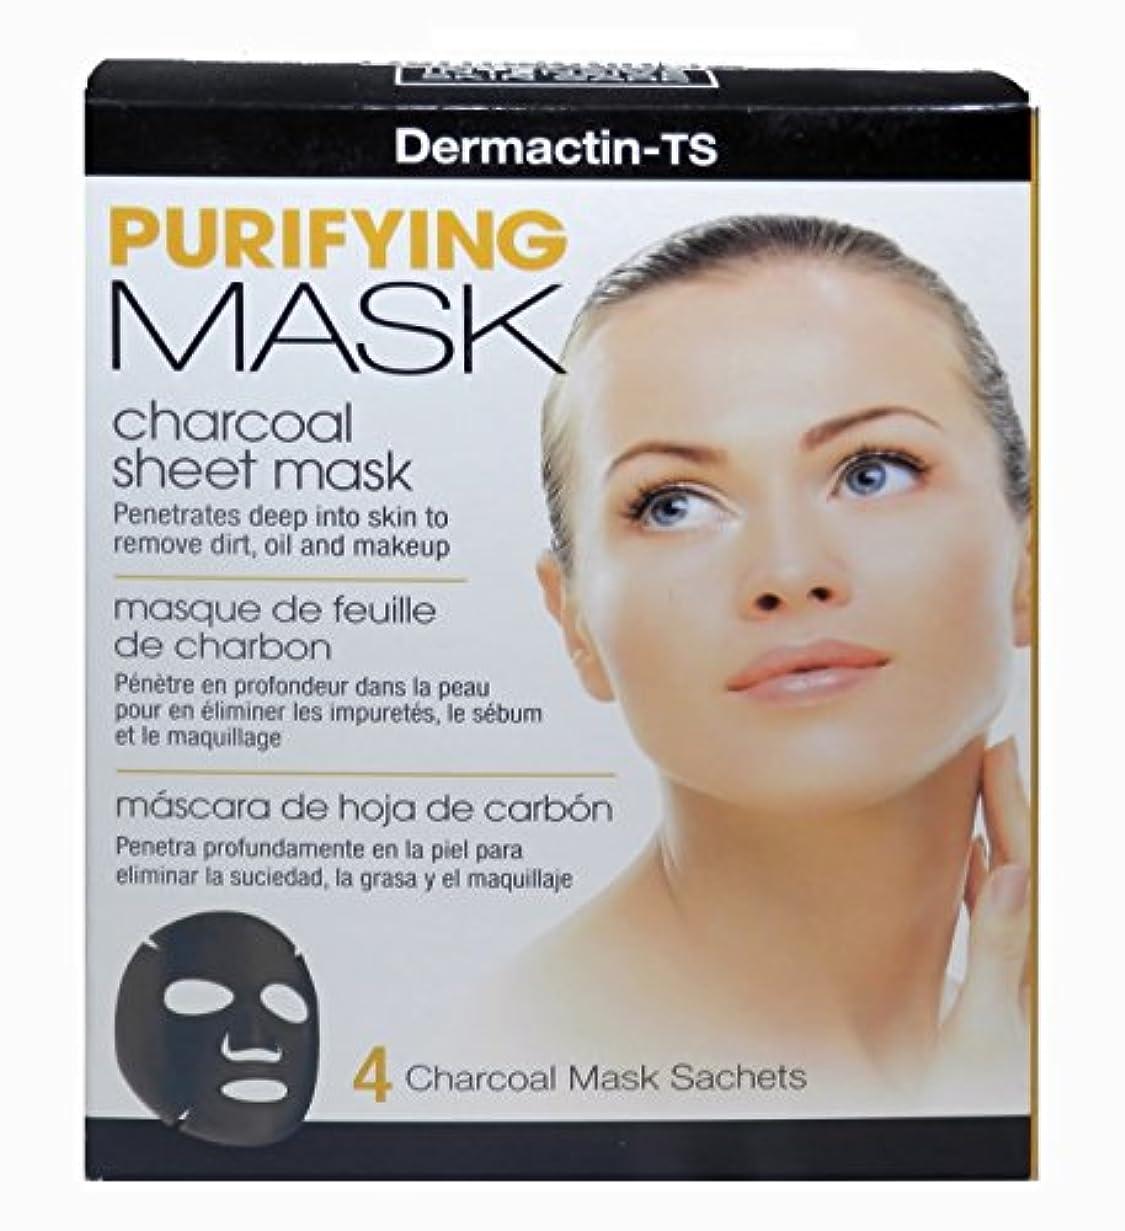 交差点条件付き防止Dermactin-TS カーボール4カウント付浄化マスク(4パック) (並行輸入品)